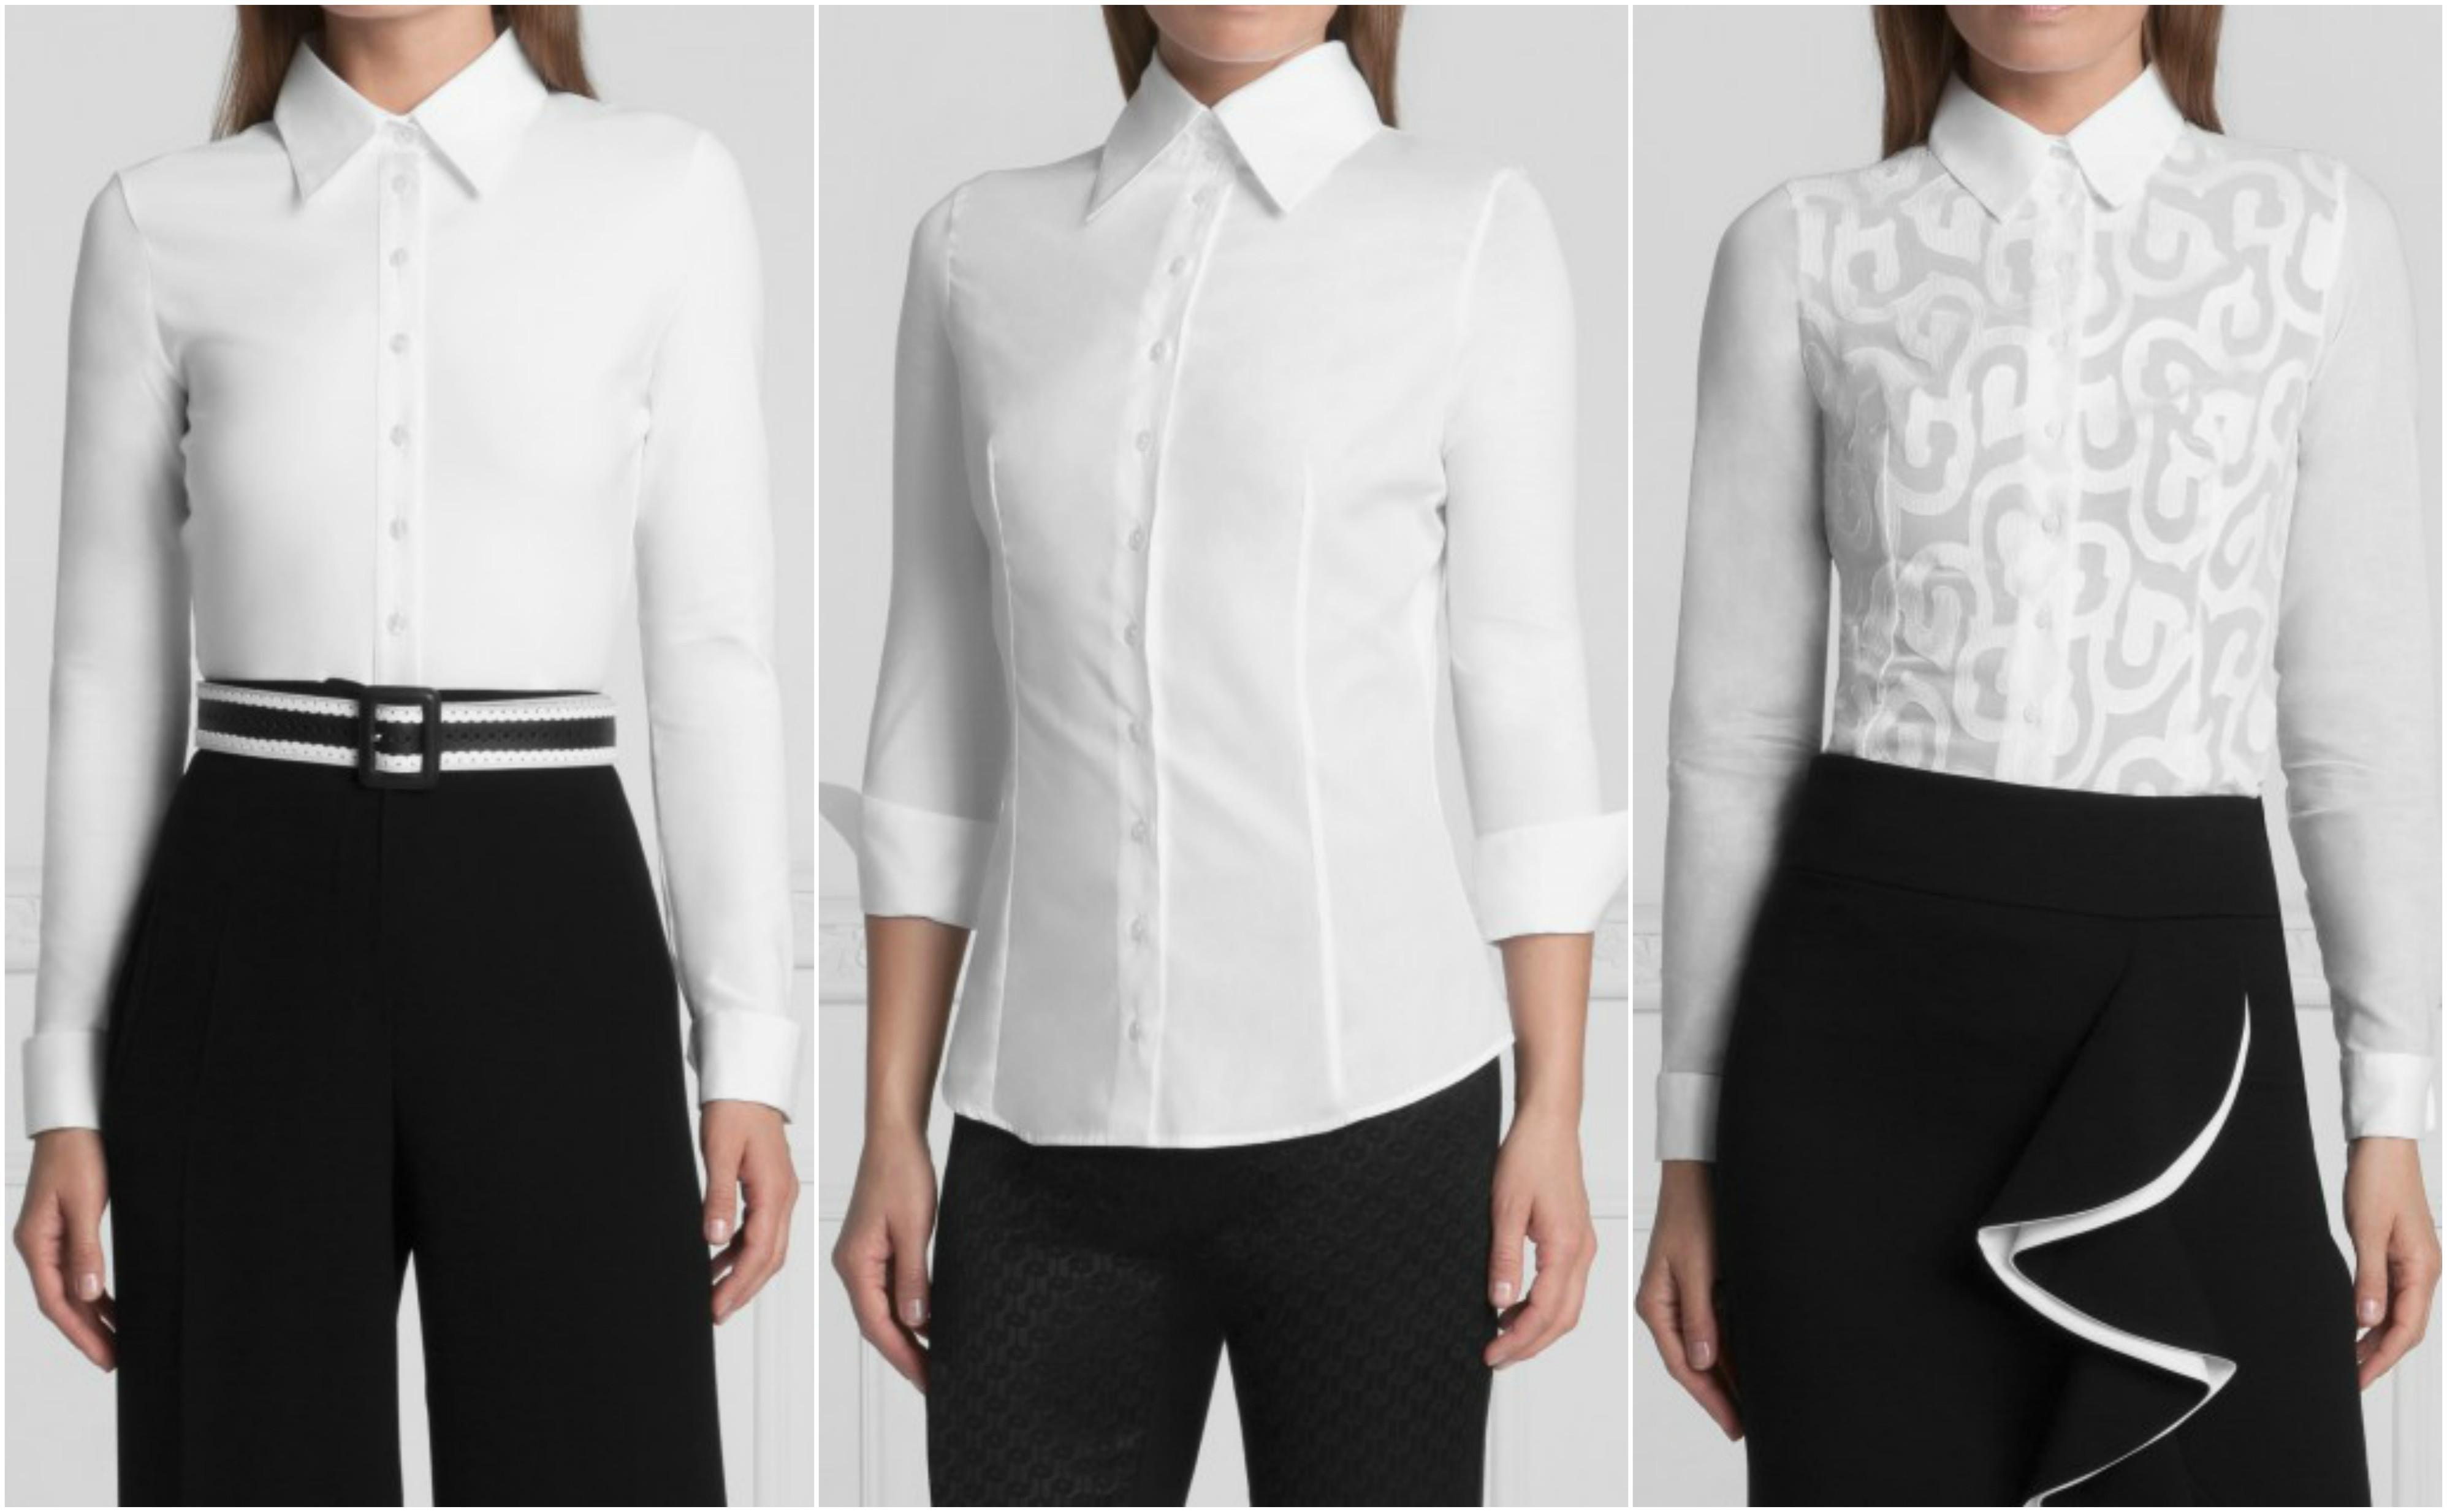 Az női ingek általában karakteres férfiingekhez hasonló gallérral  készülnek. Anyaghasználatuk is hasonló 06e8979635